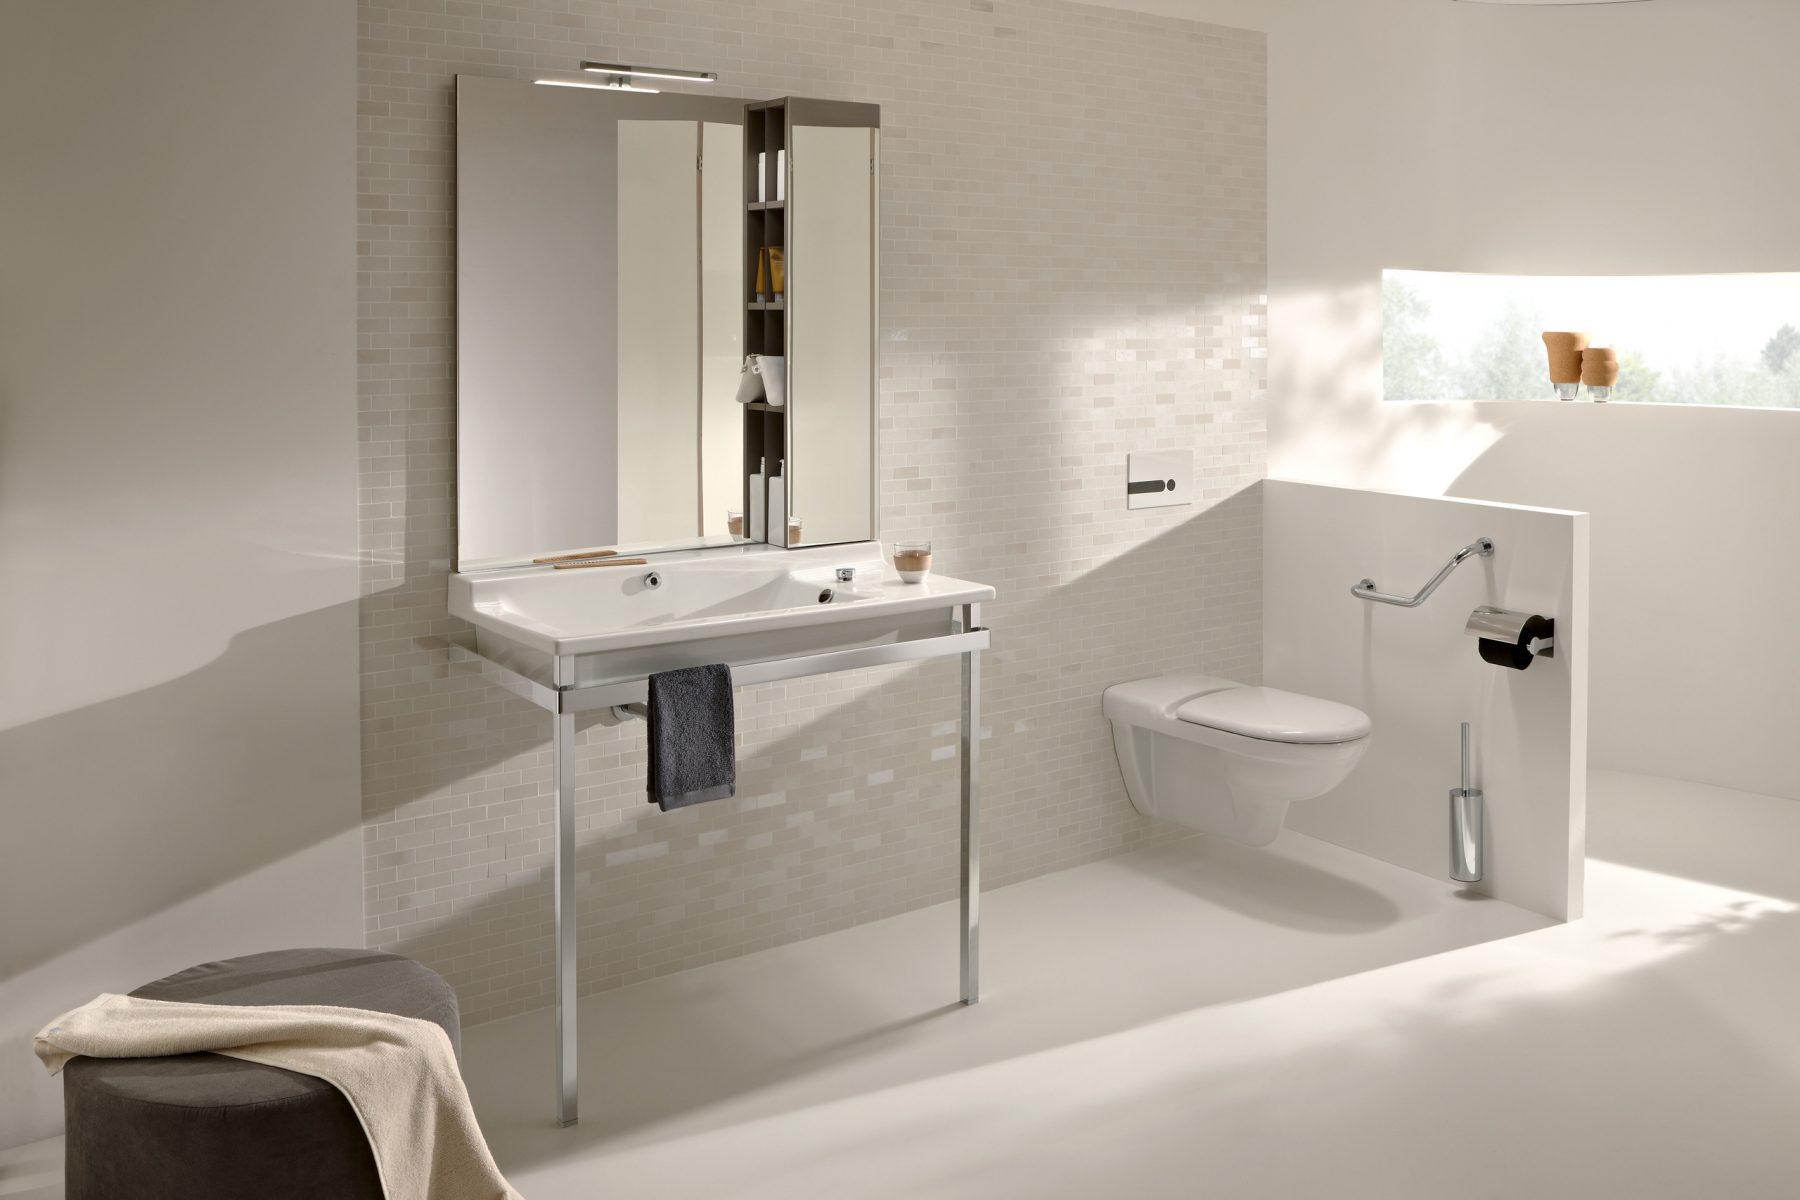 Lavabos plans de toilette de salle de bain fiche produit - Plan de toilettes seches ...